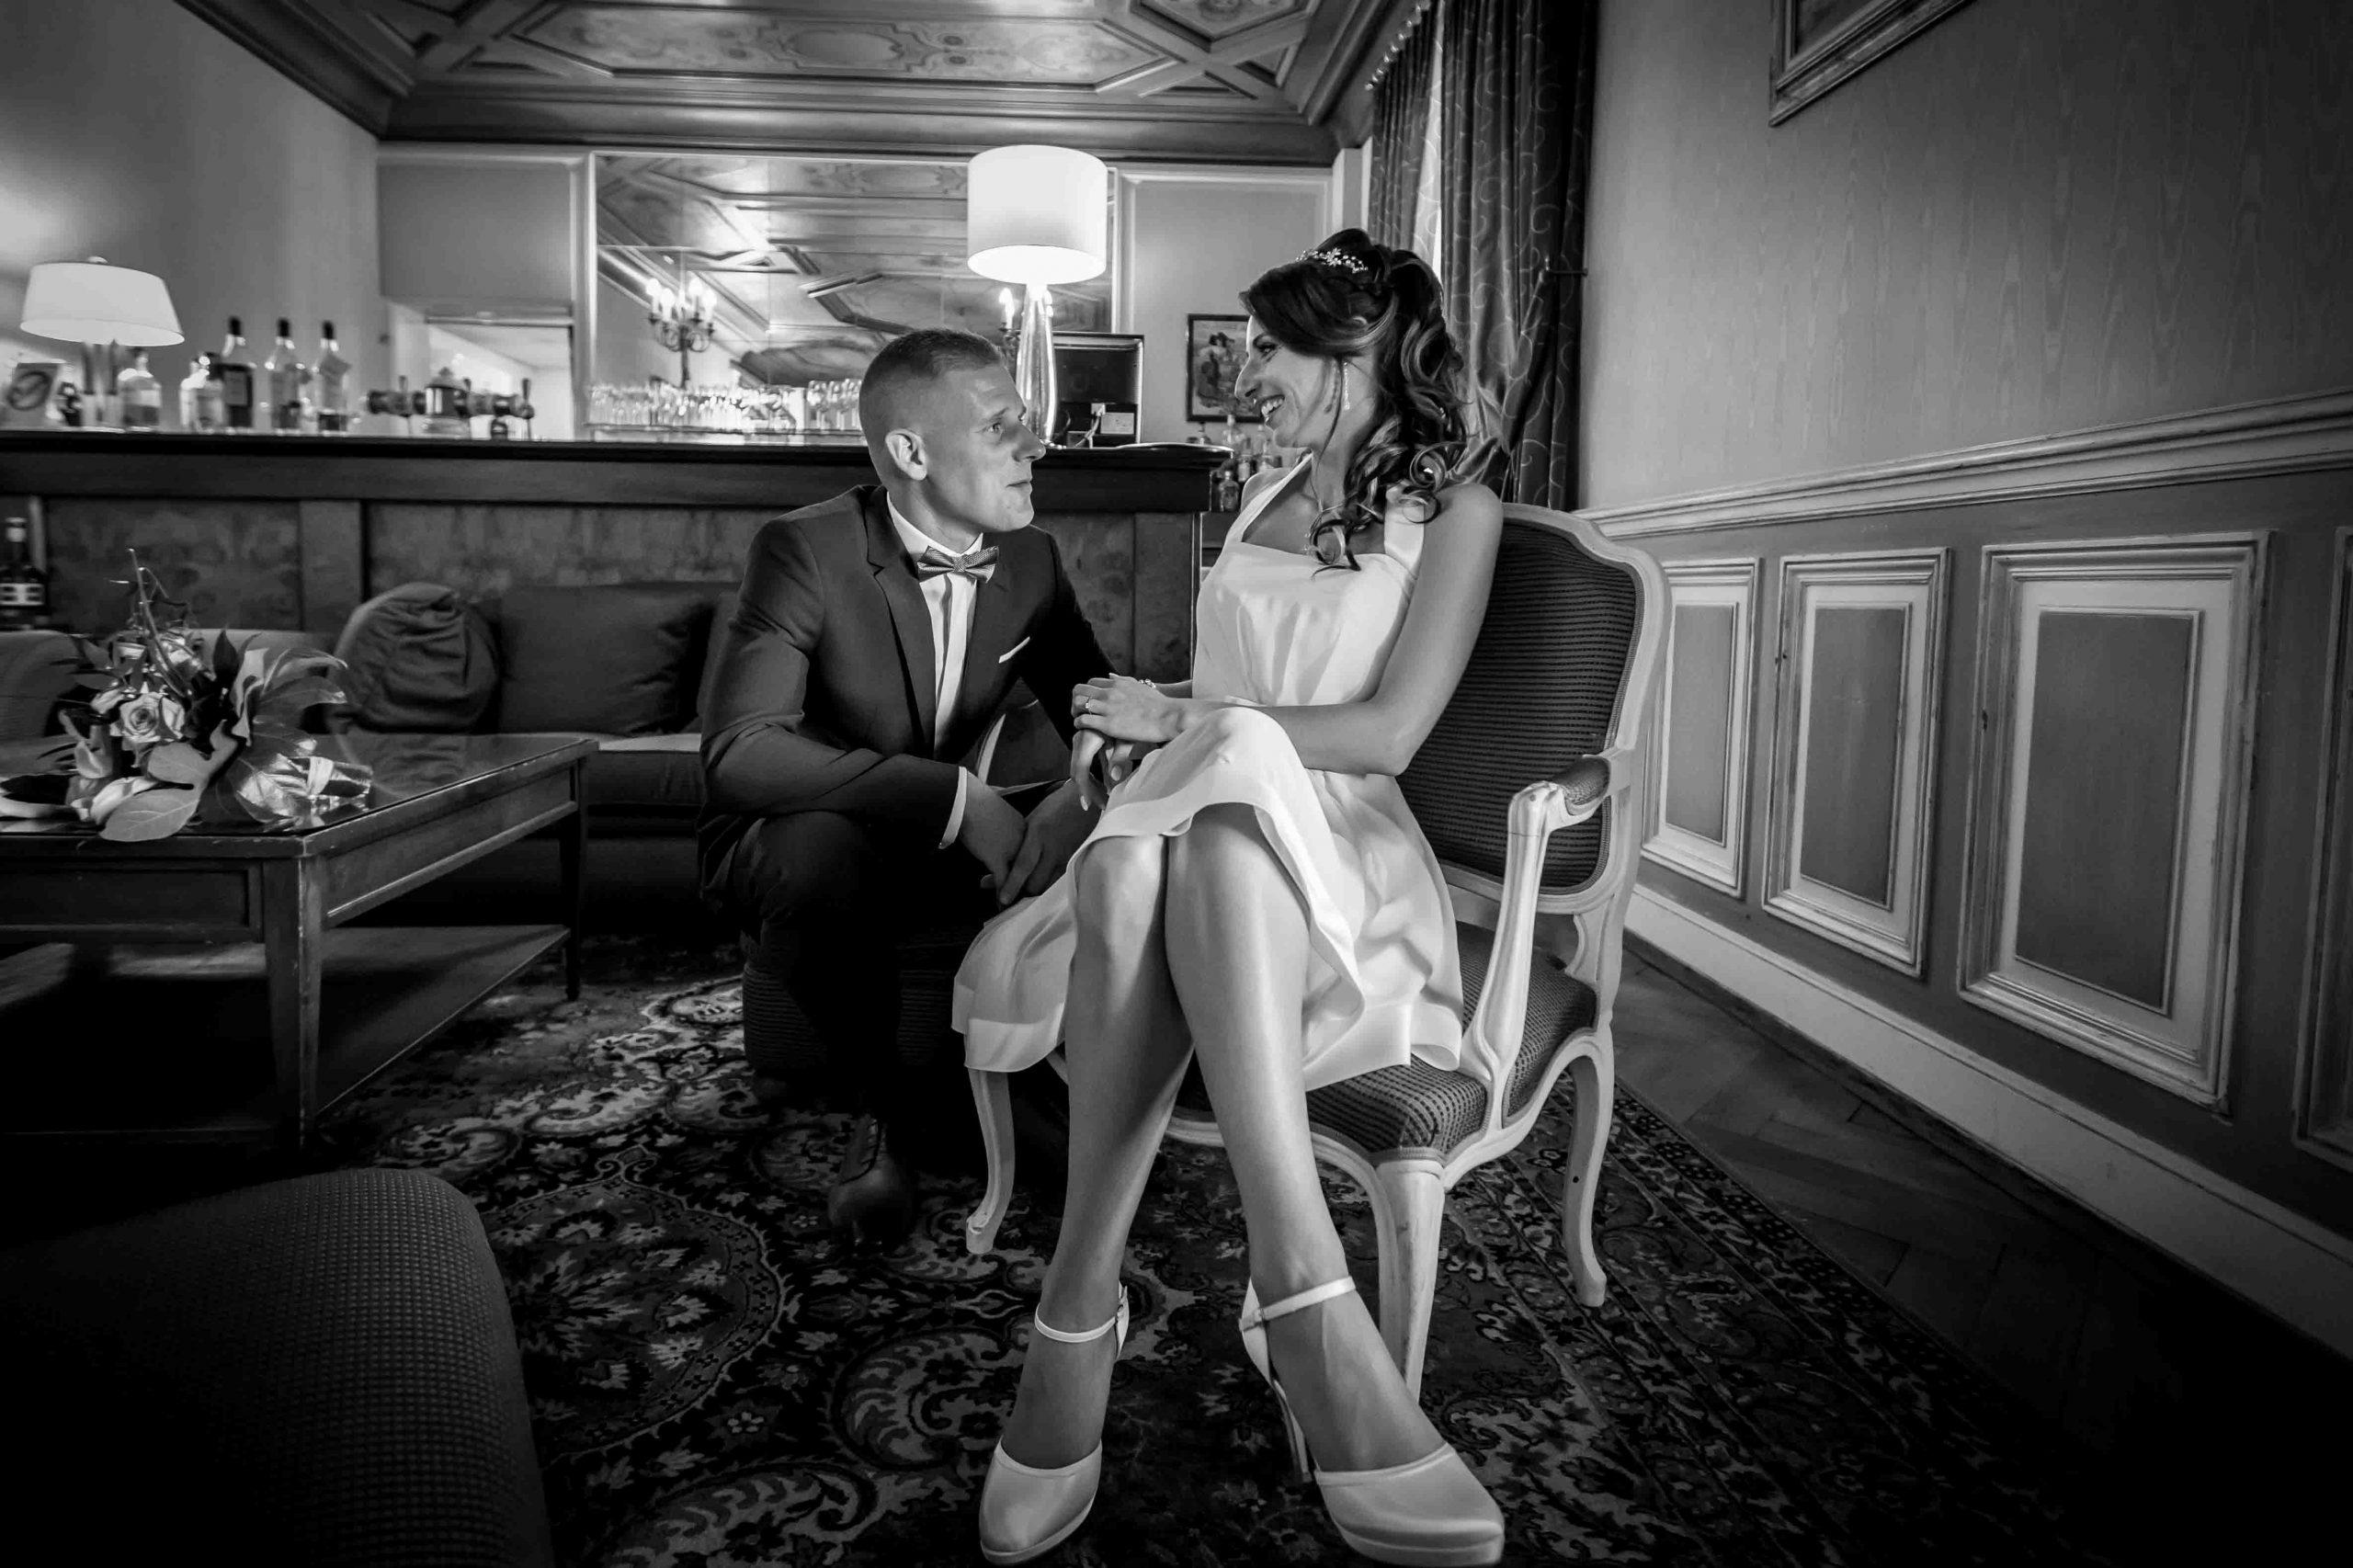 séance photo des mariés au chateau d'Issenbourg à Rouffach